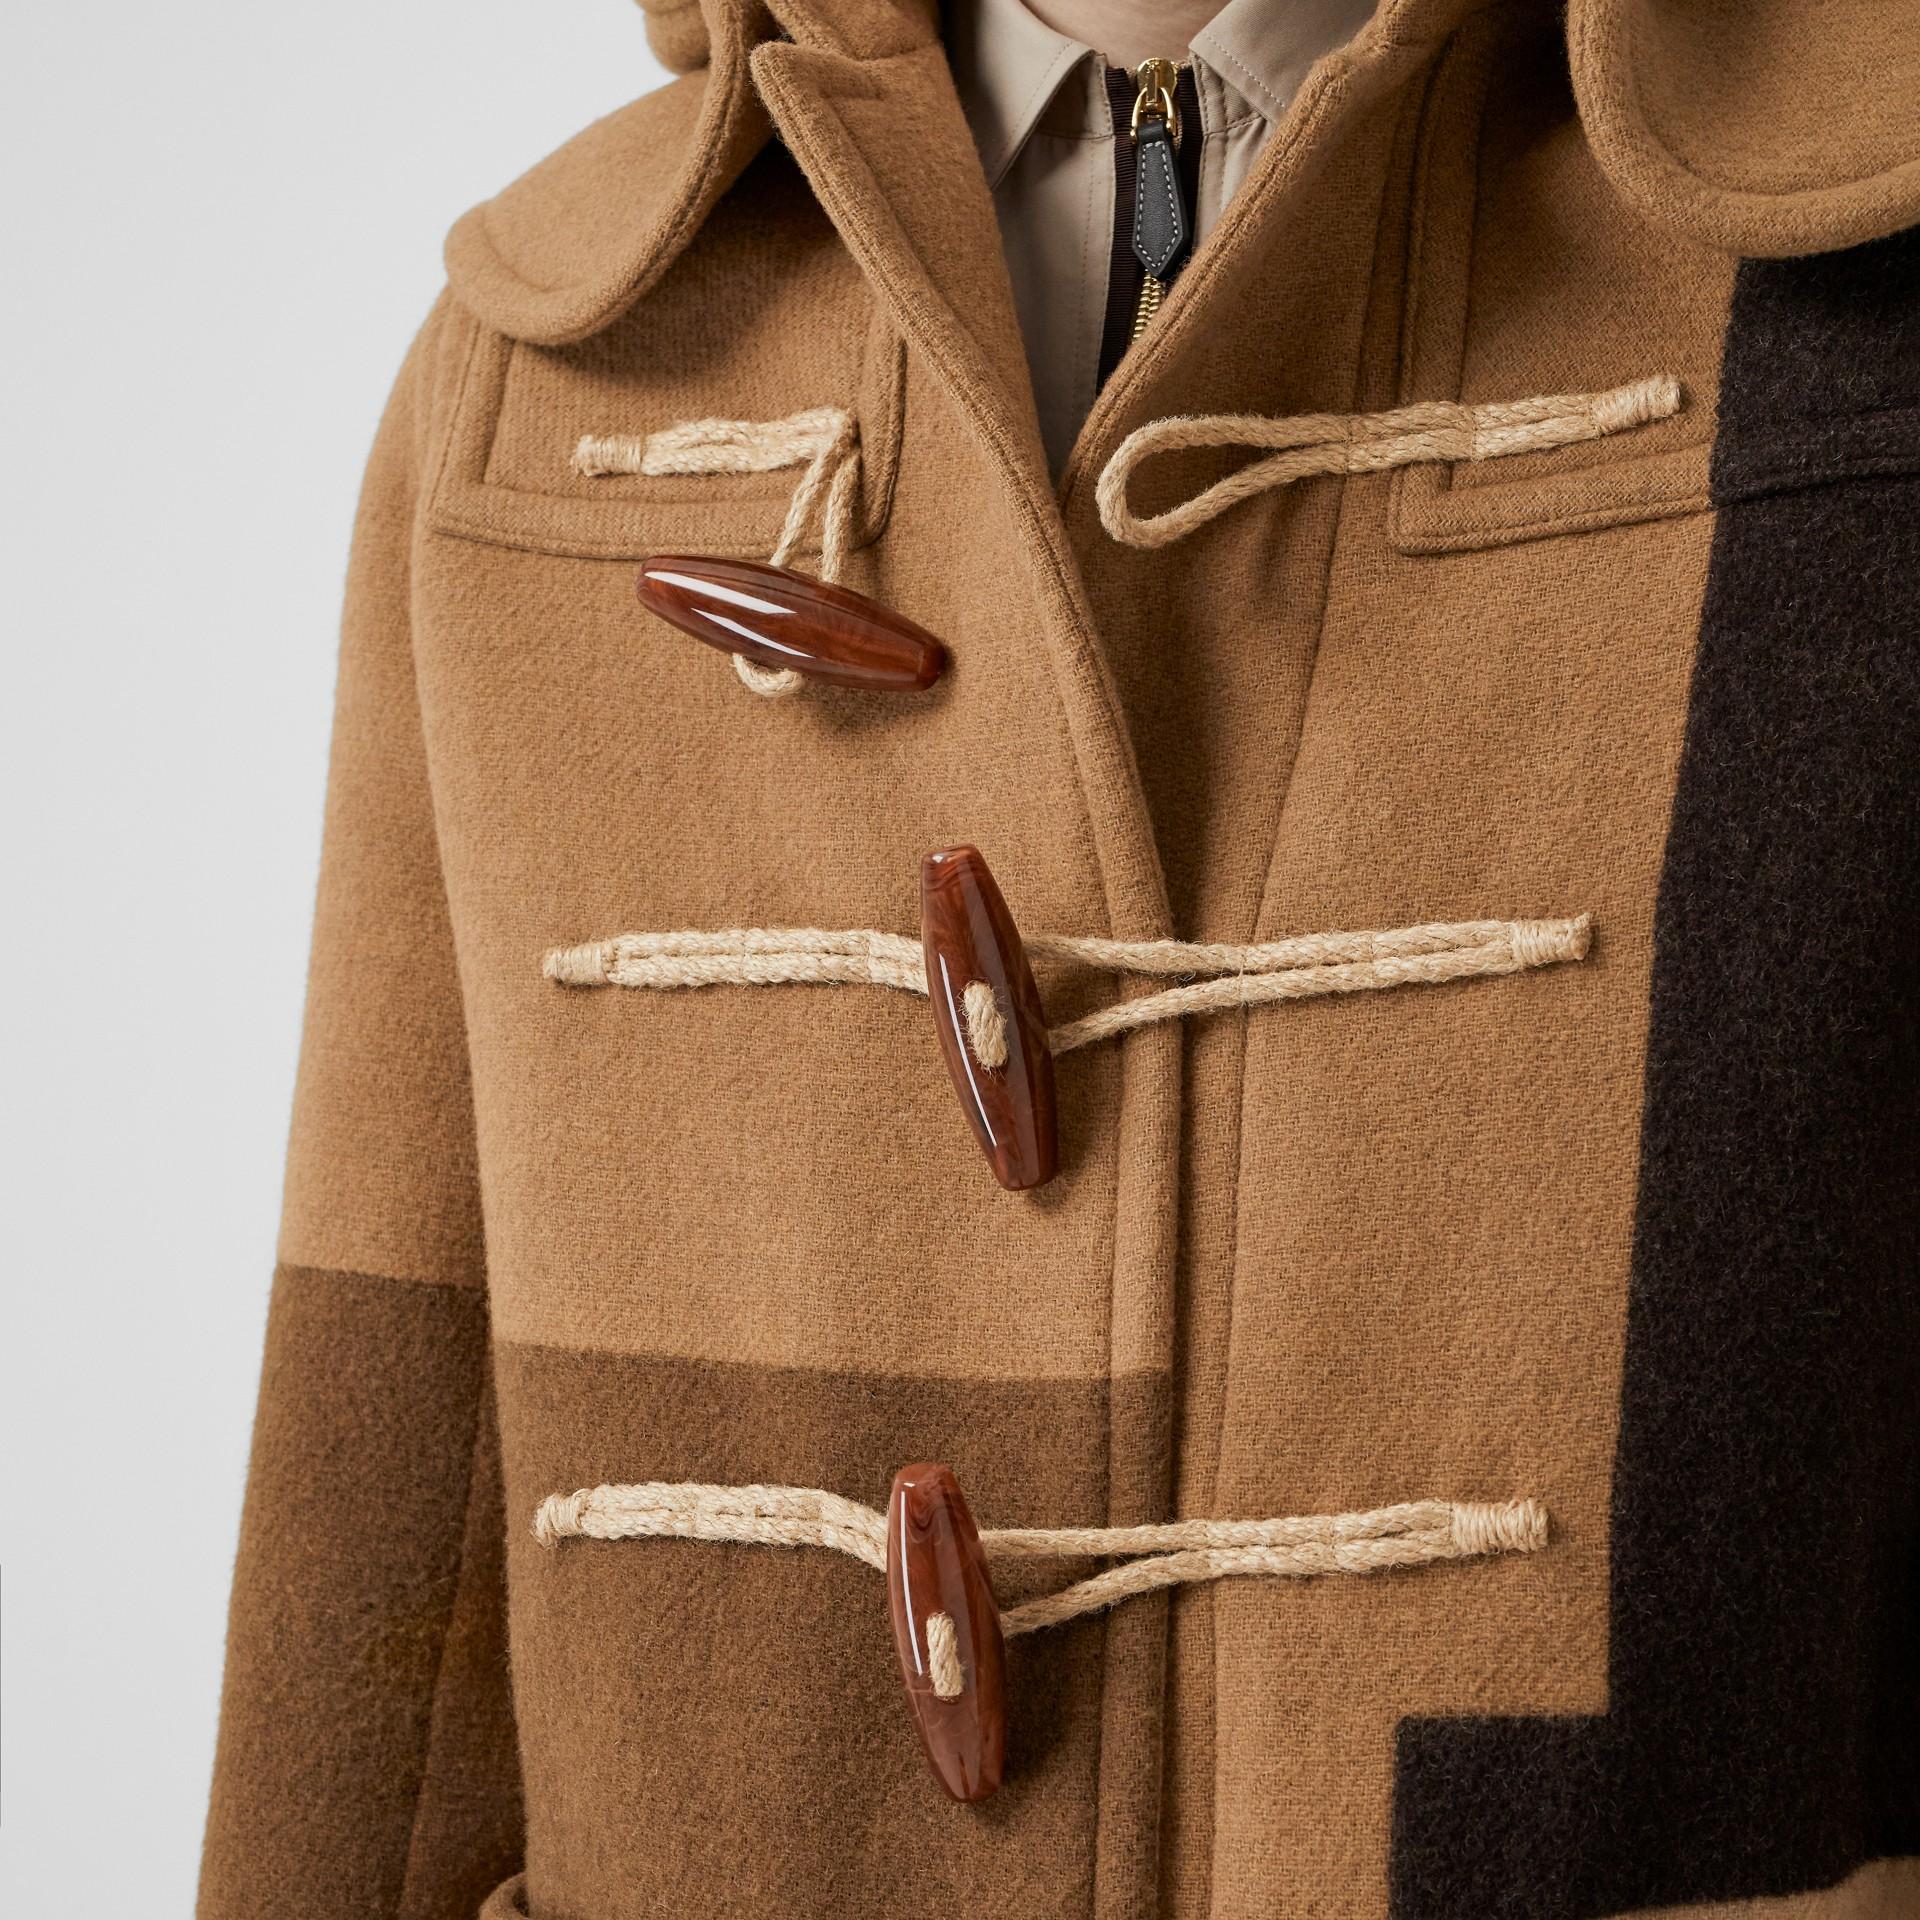 패널 울 더플 코트 (웜 카멜) - 남성 | Burberry - 갤러리 이미지 1